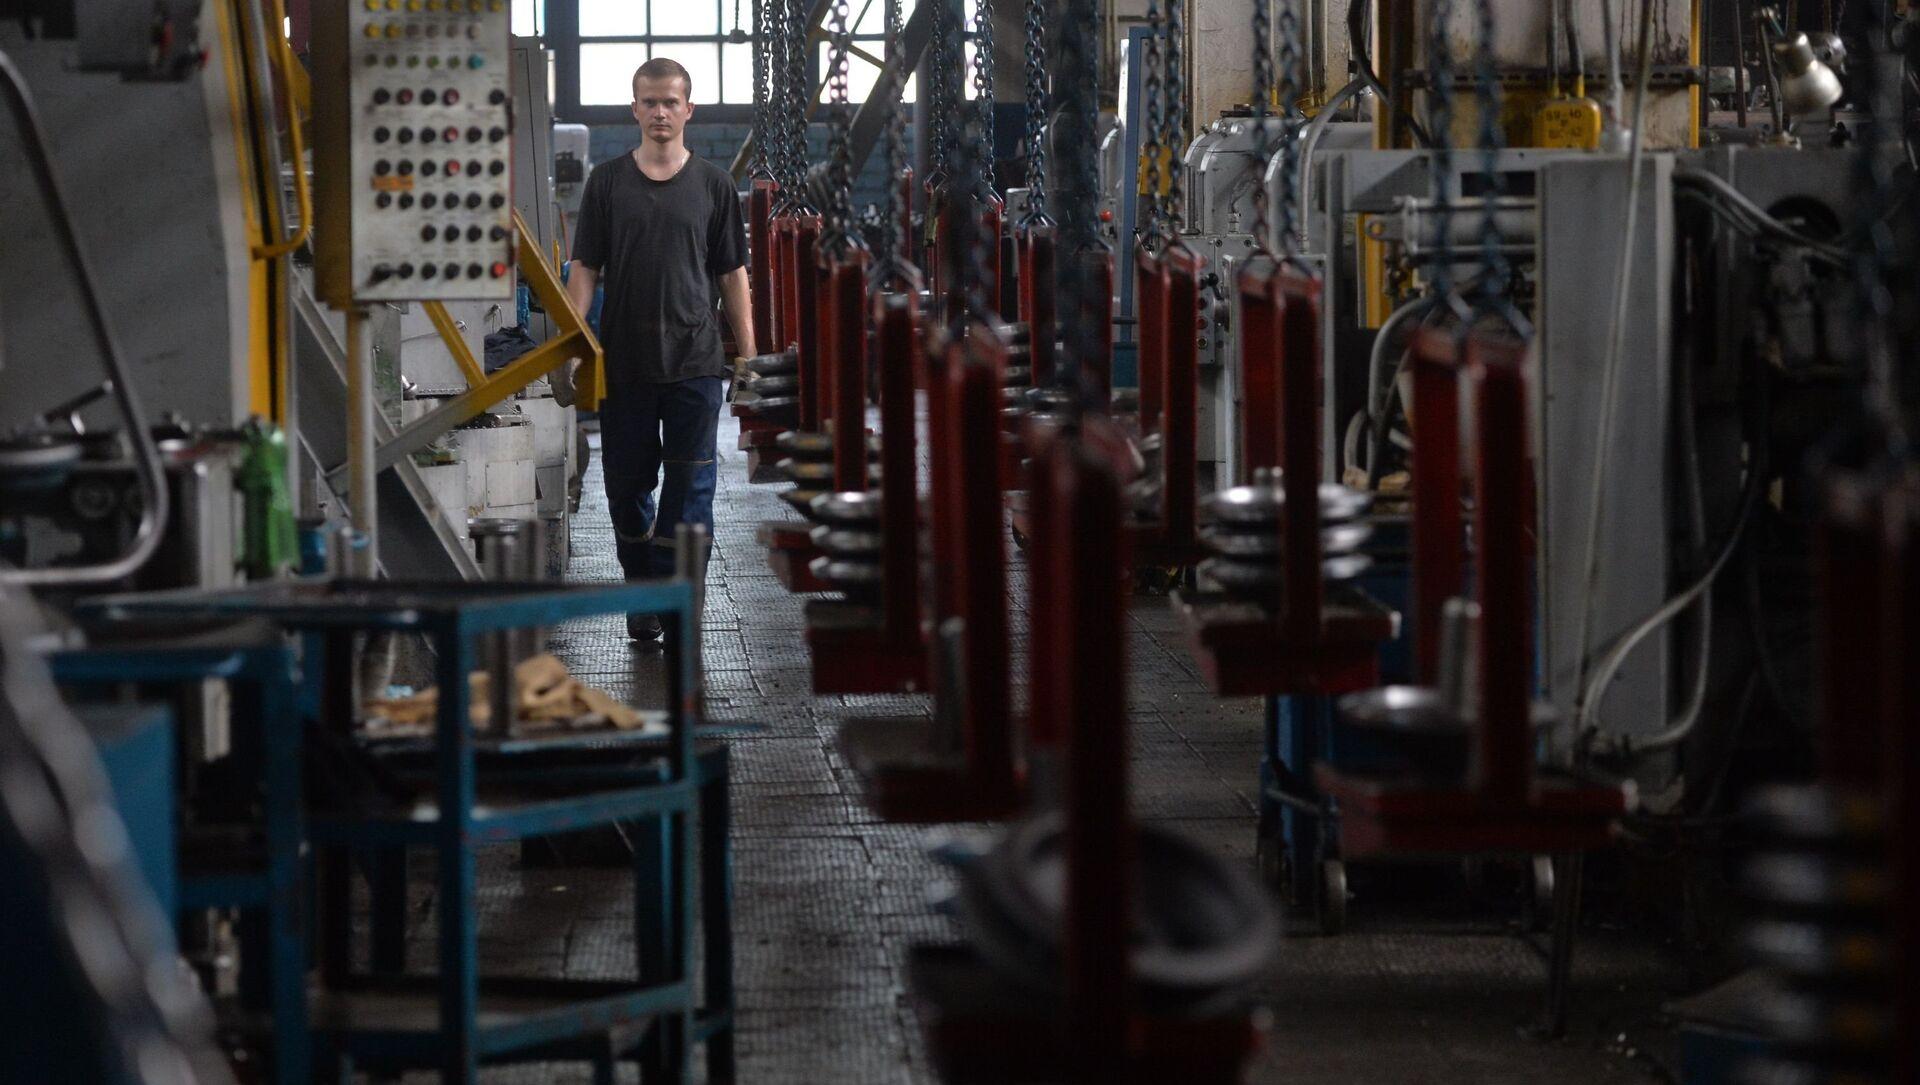 Механический цех по производству валов и шестерен для тракторов Беларус на Минском тракторном заводе - Sputnik Беларусь, 1920, 10.03.2021